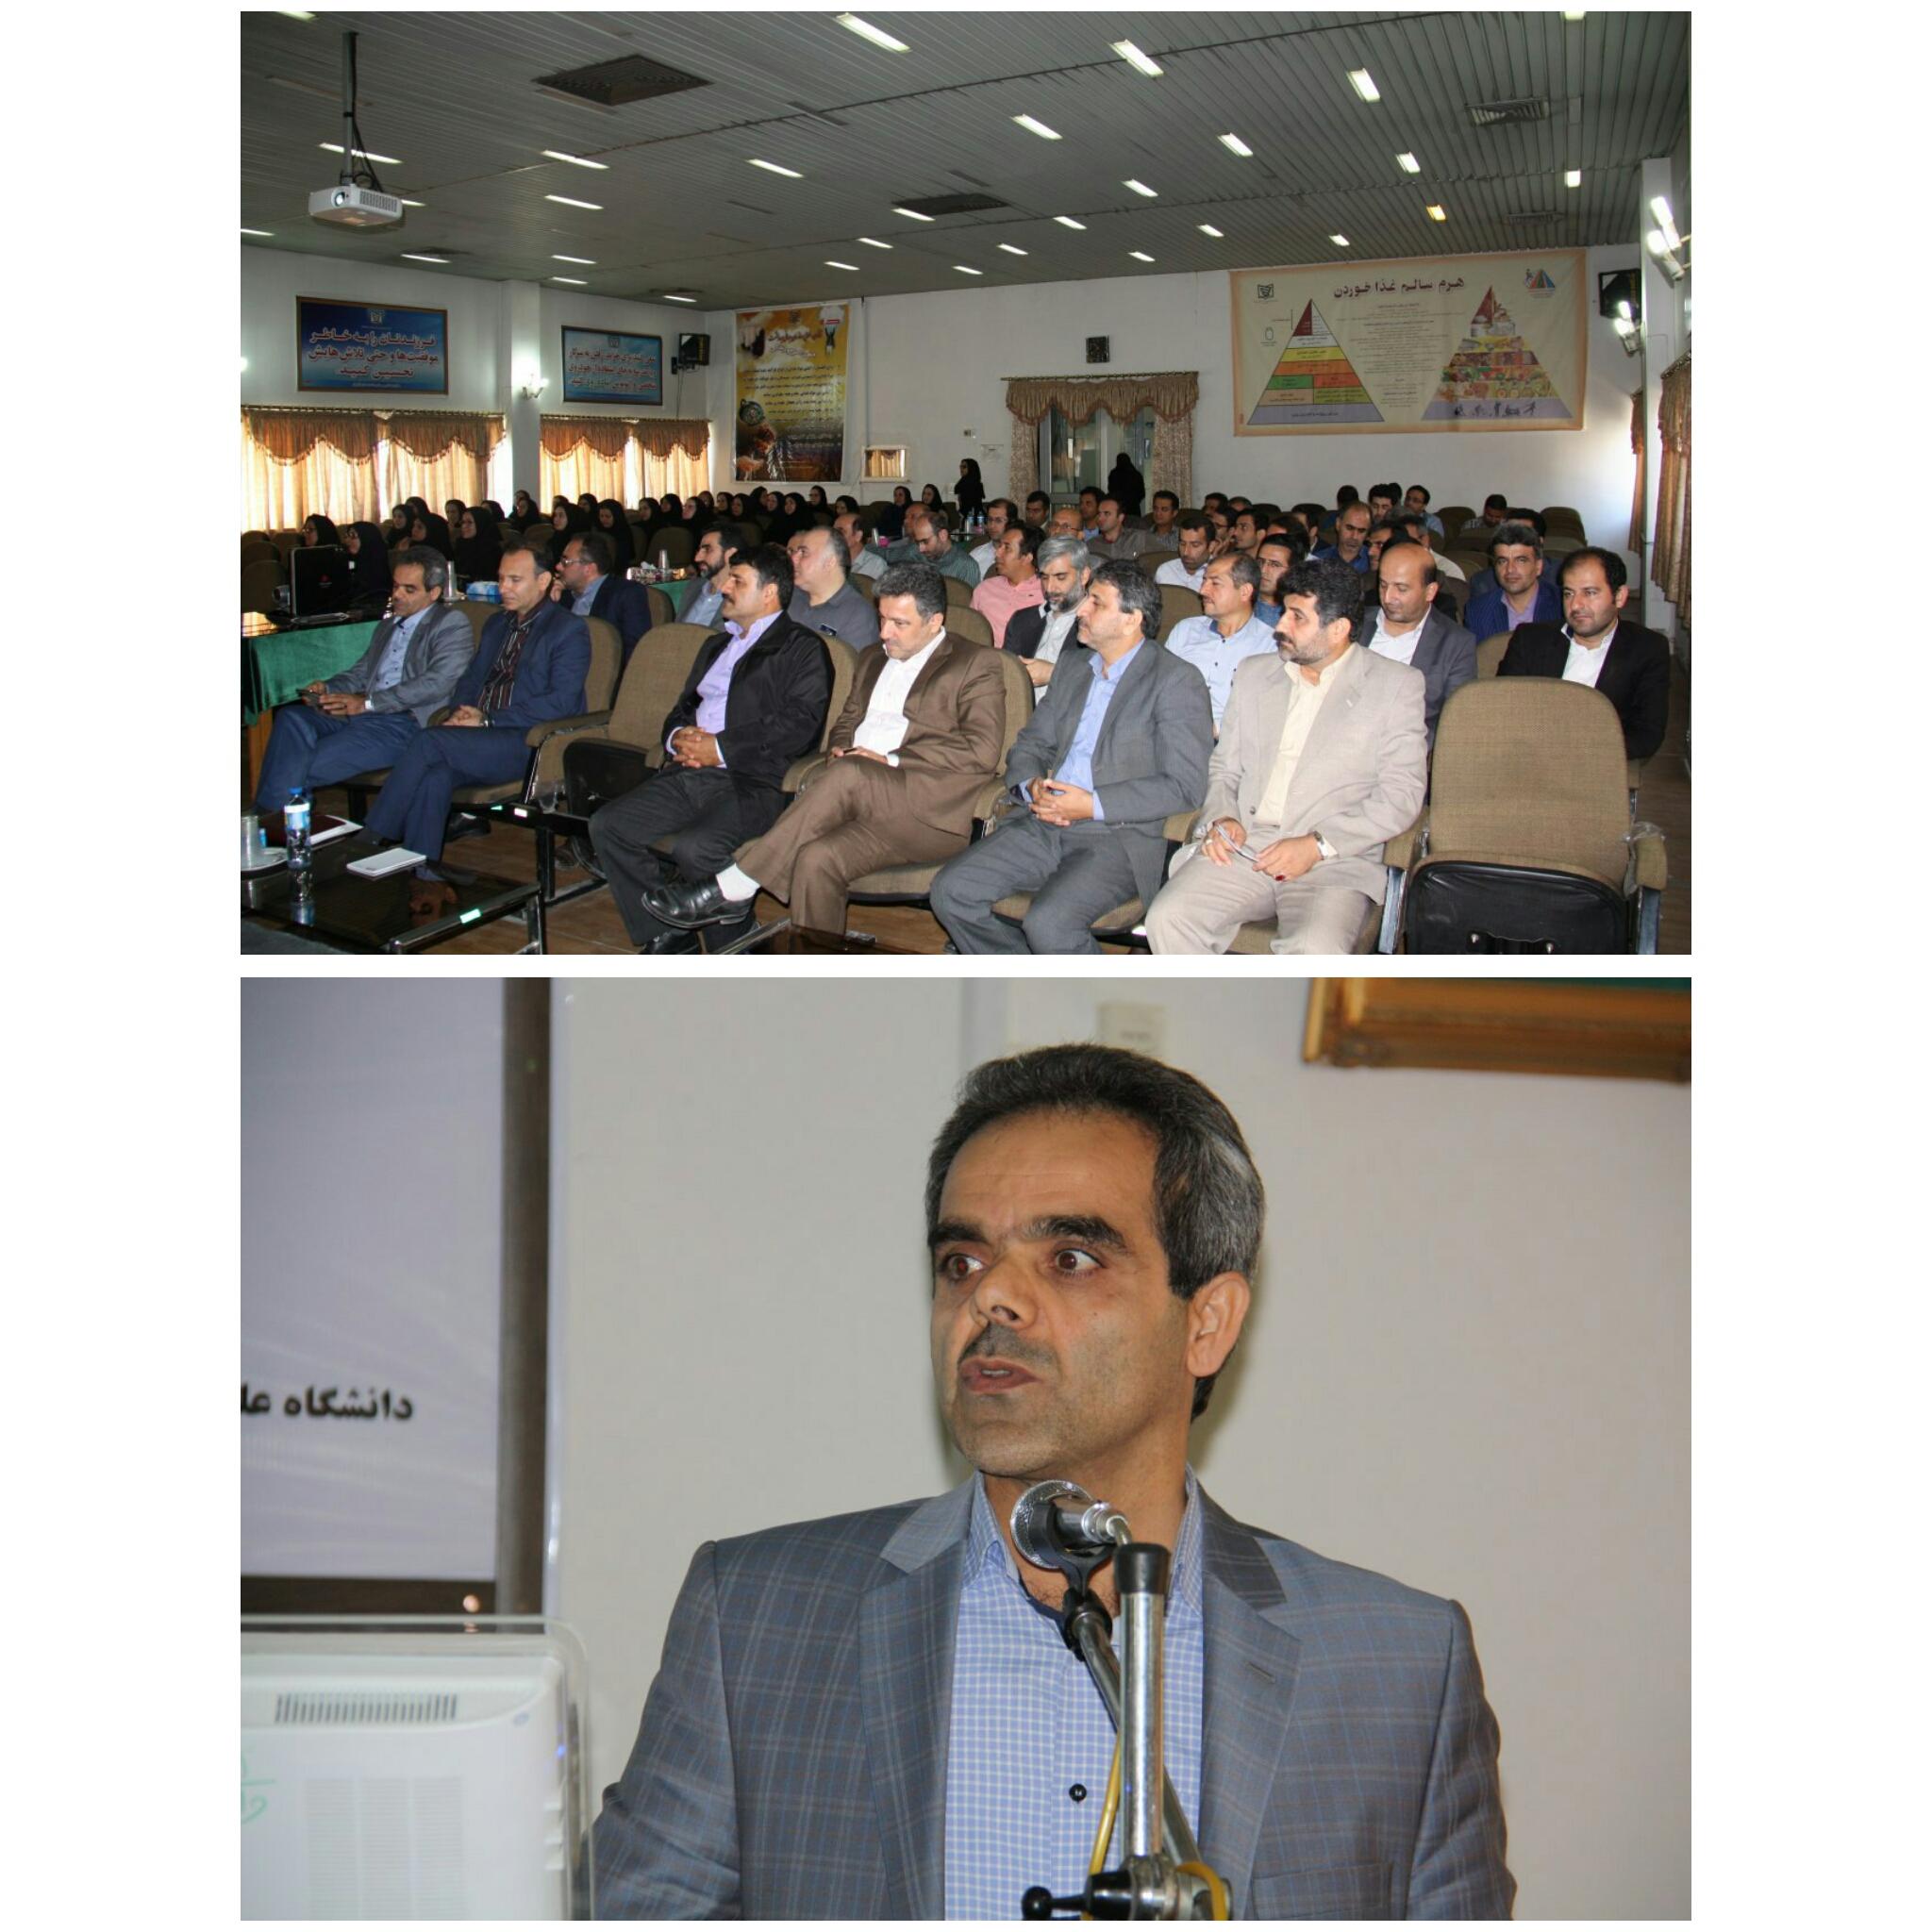 احداث ۱۲۰ واحد سلامت خدمات شهری جزو برنامه های دانشگاه علوم پزشکی مازندران